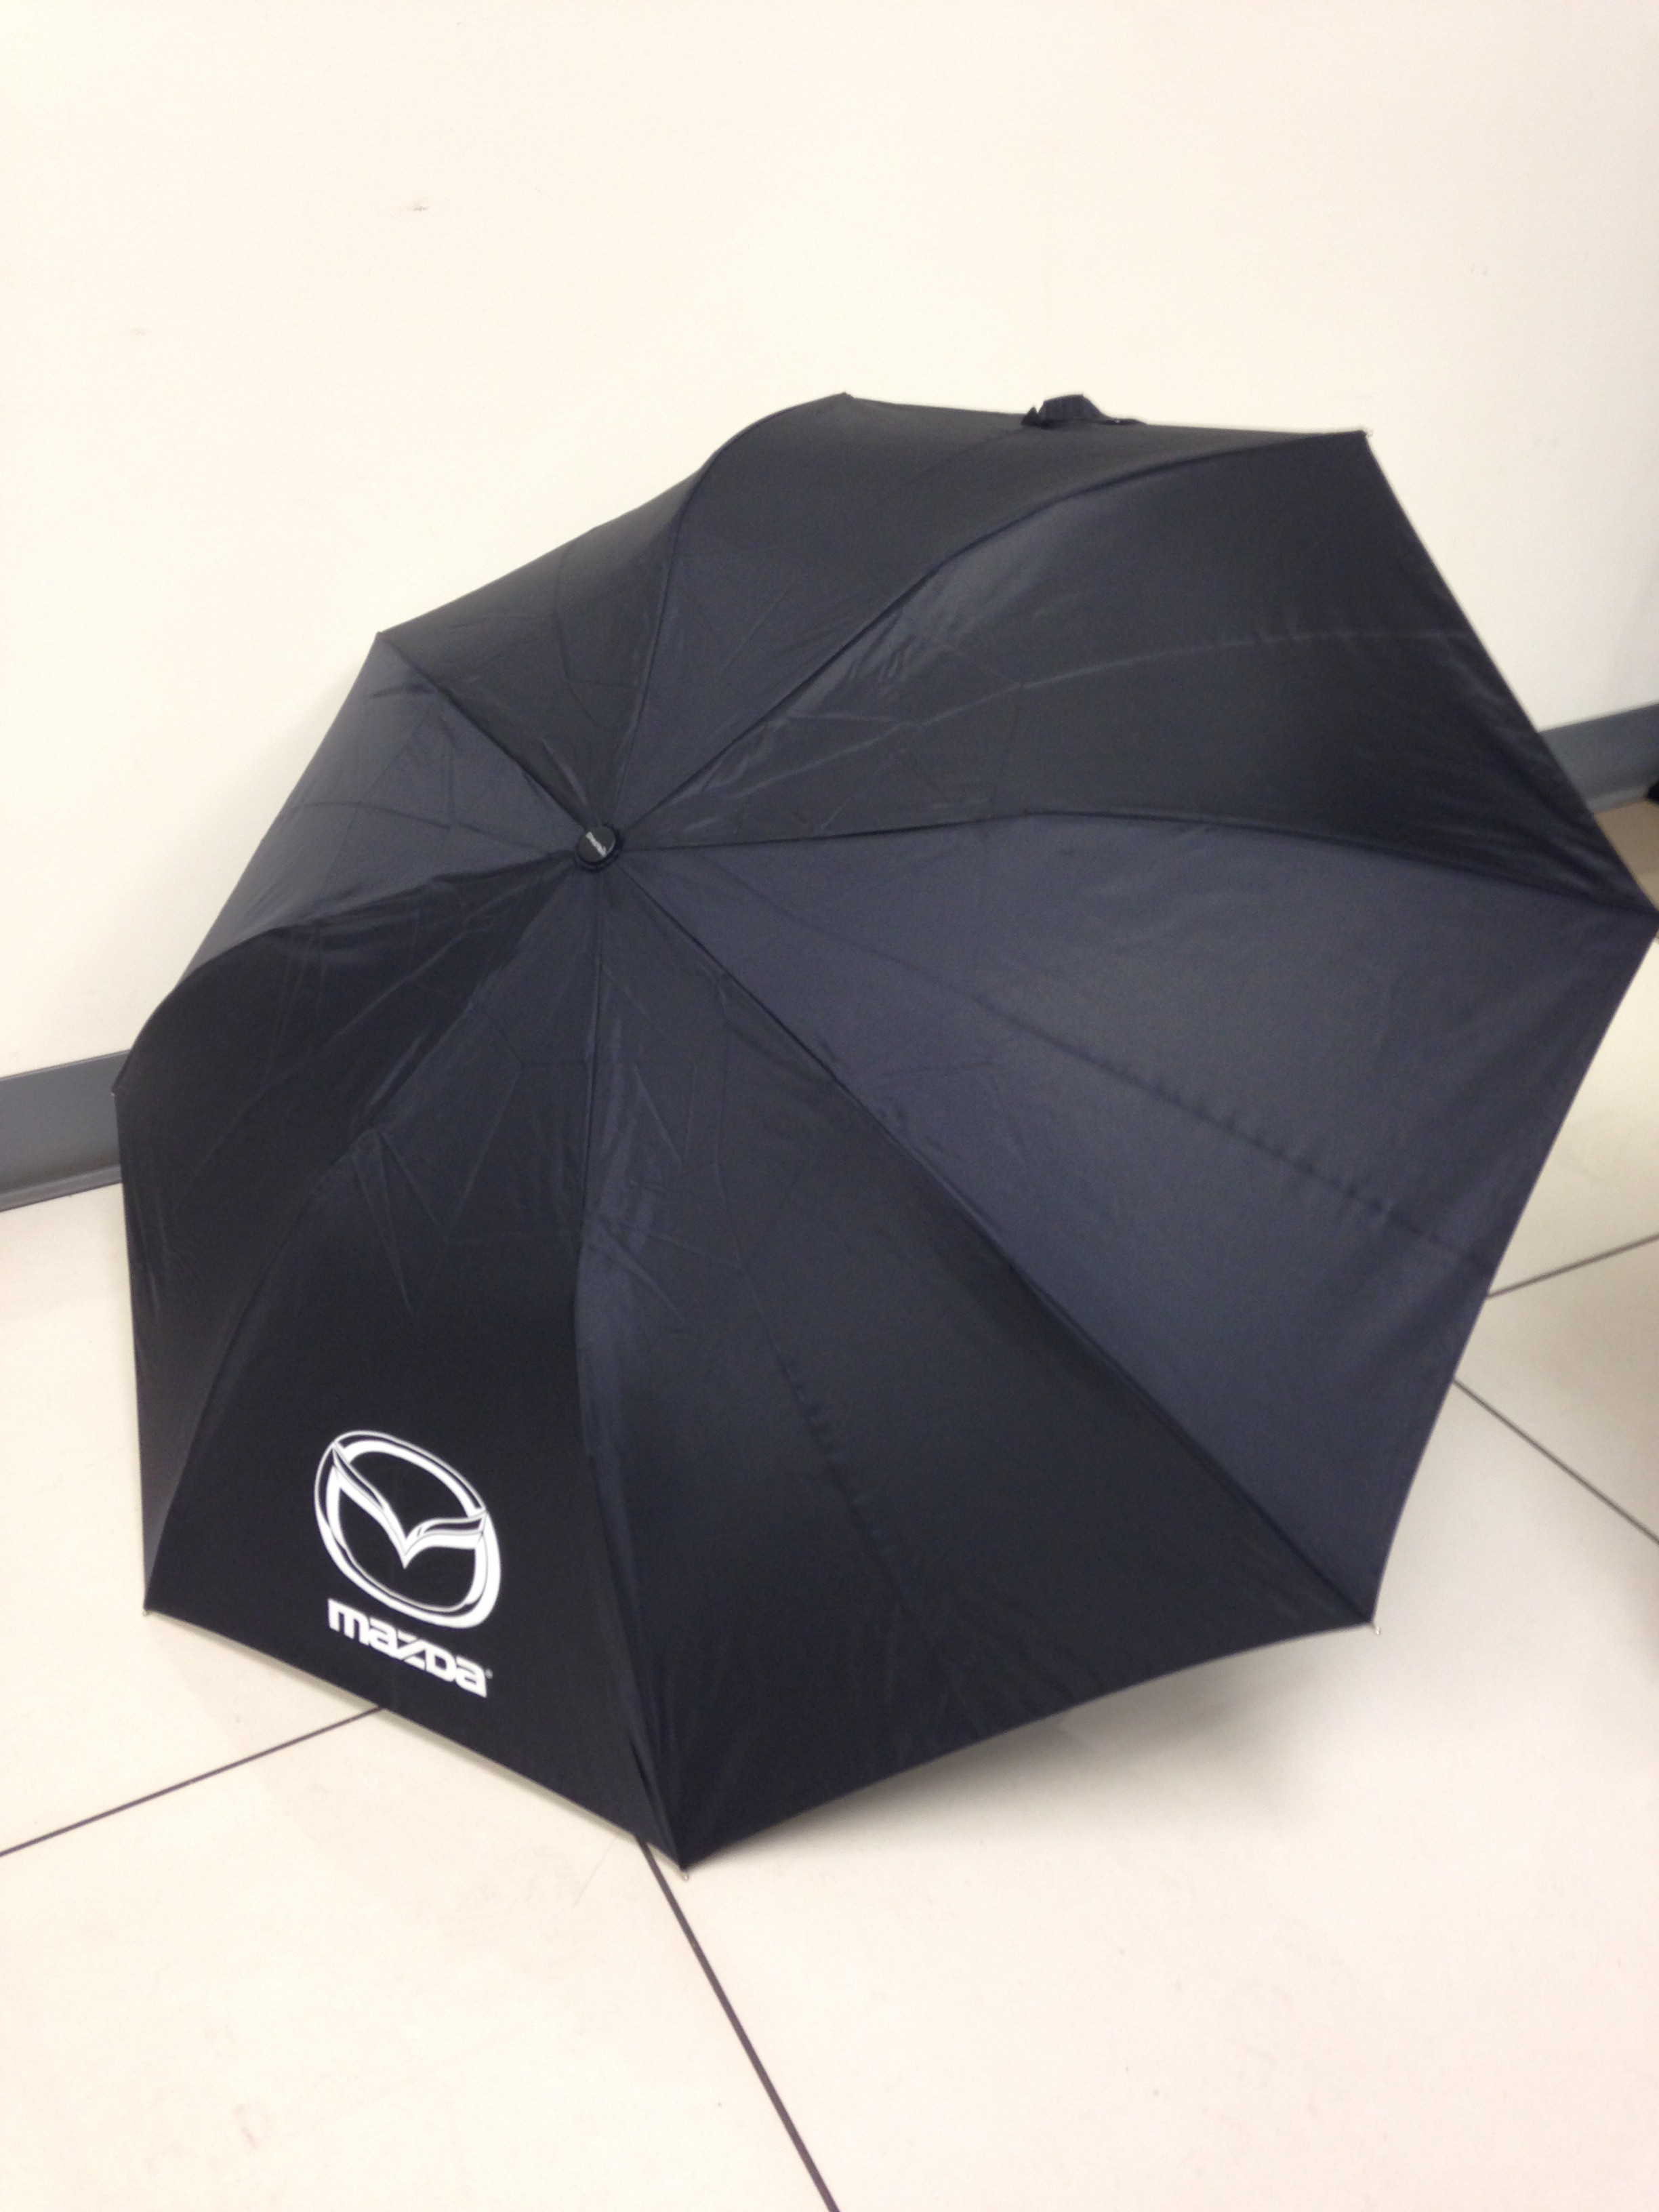 Compact Mazda Umbrella